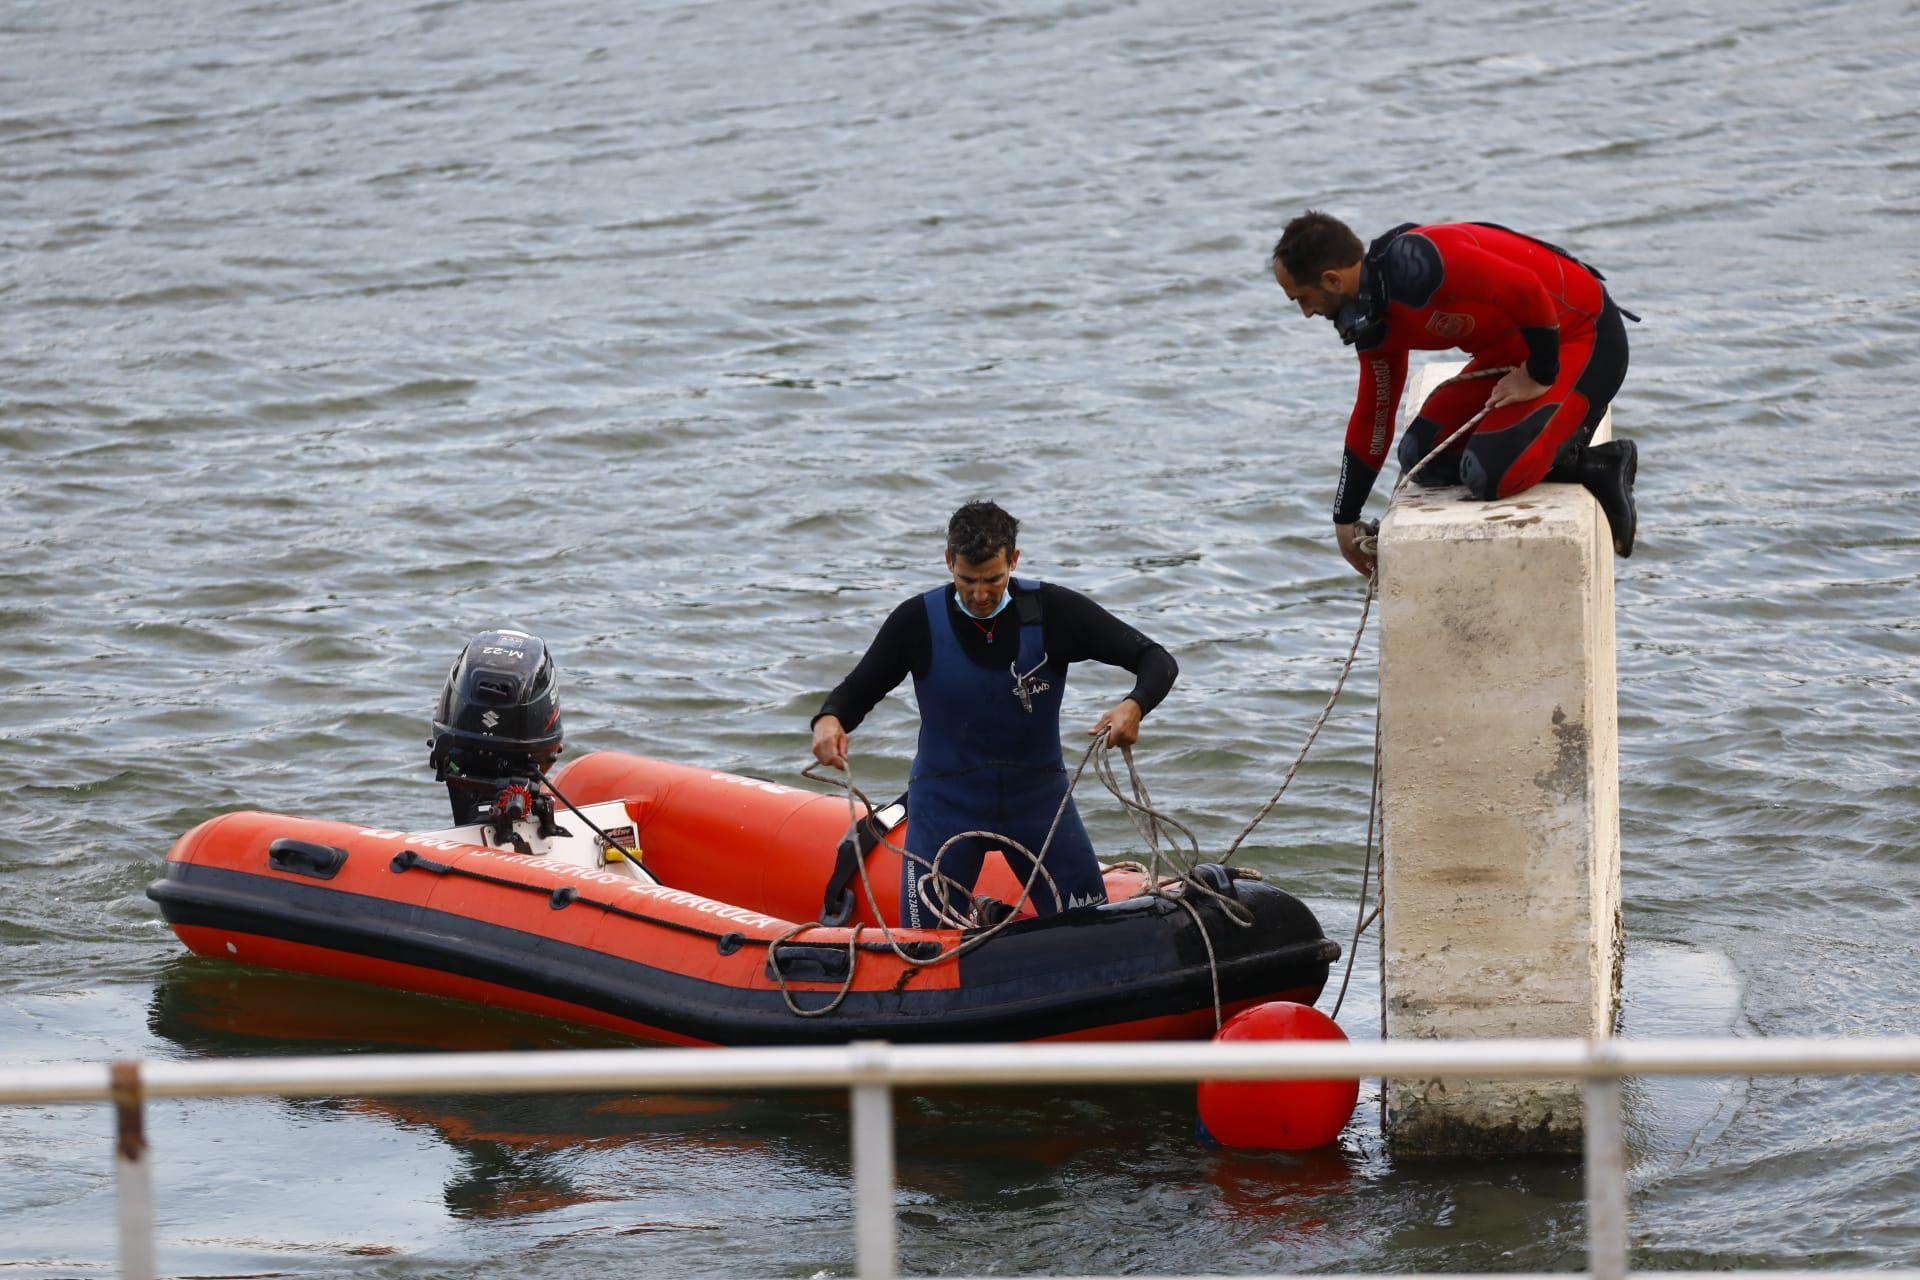 La policía y los bomberos buscan a un niño desaparecido en el Ebro